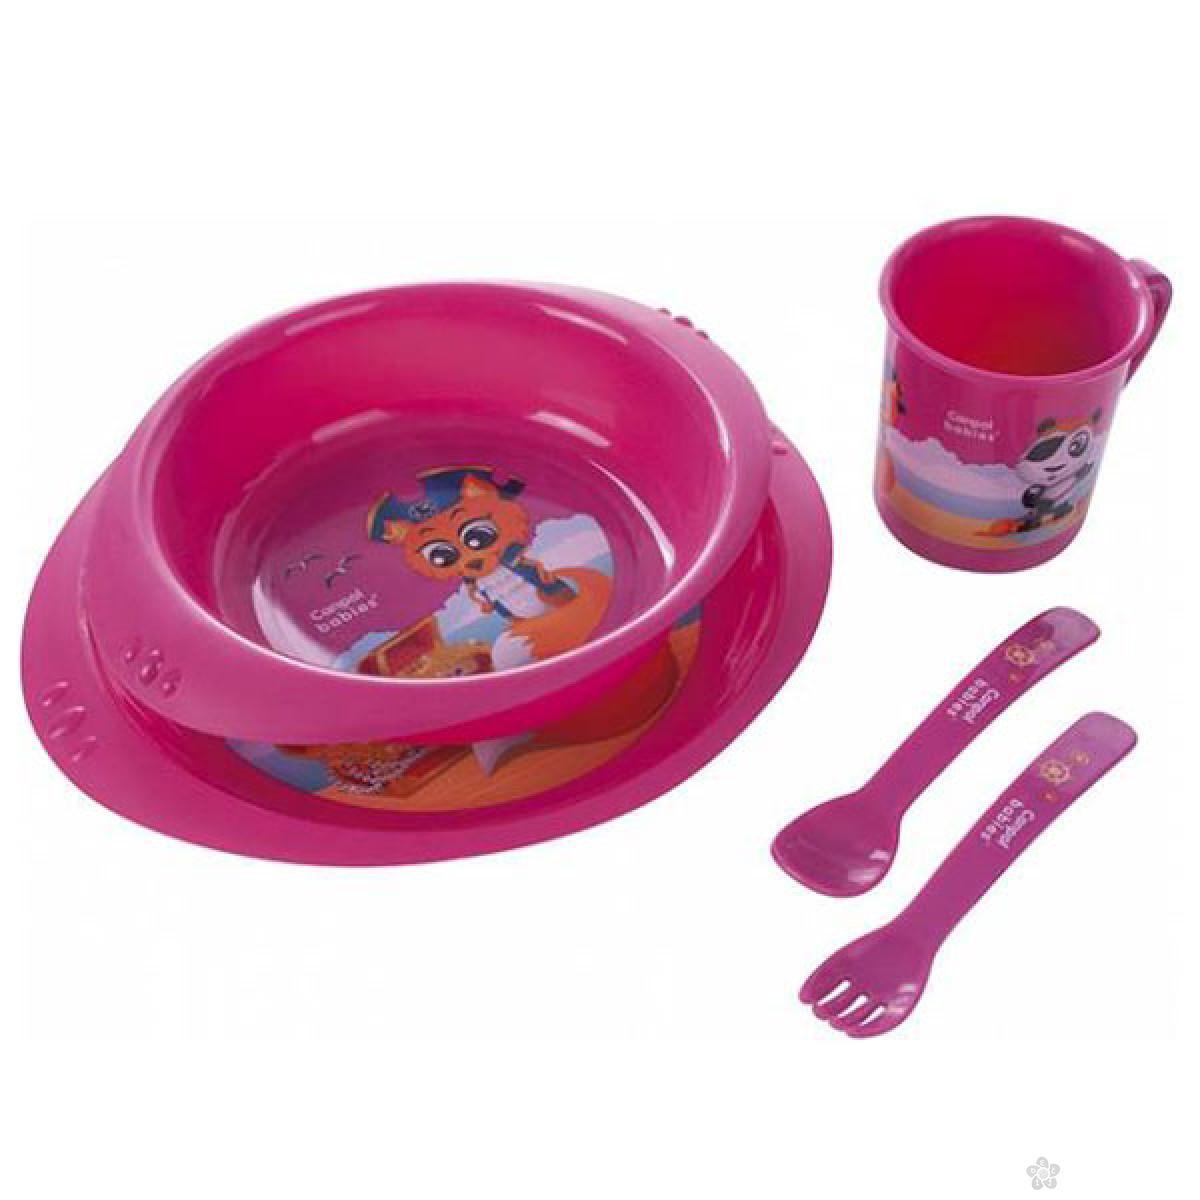 Baby Set za Hranjenje Pirate 4/405